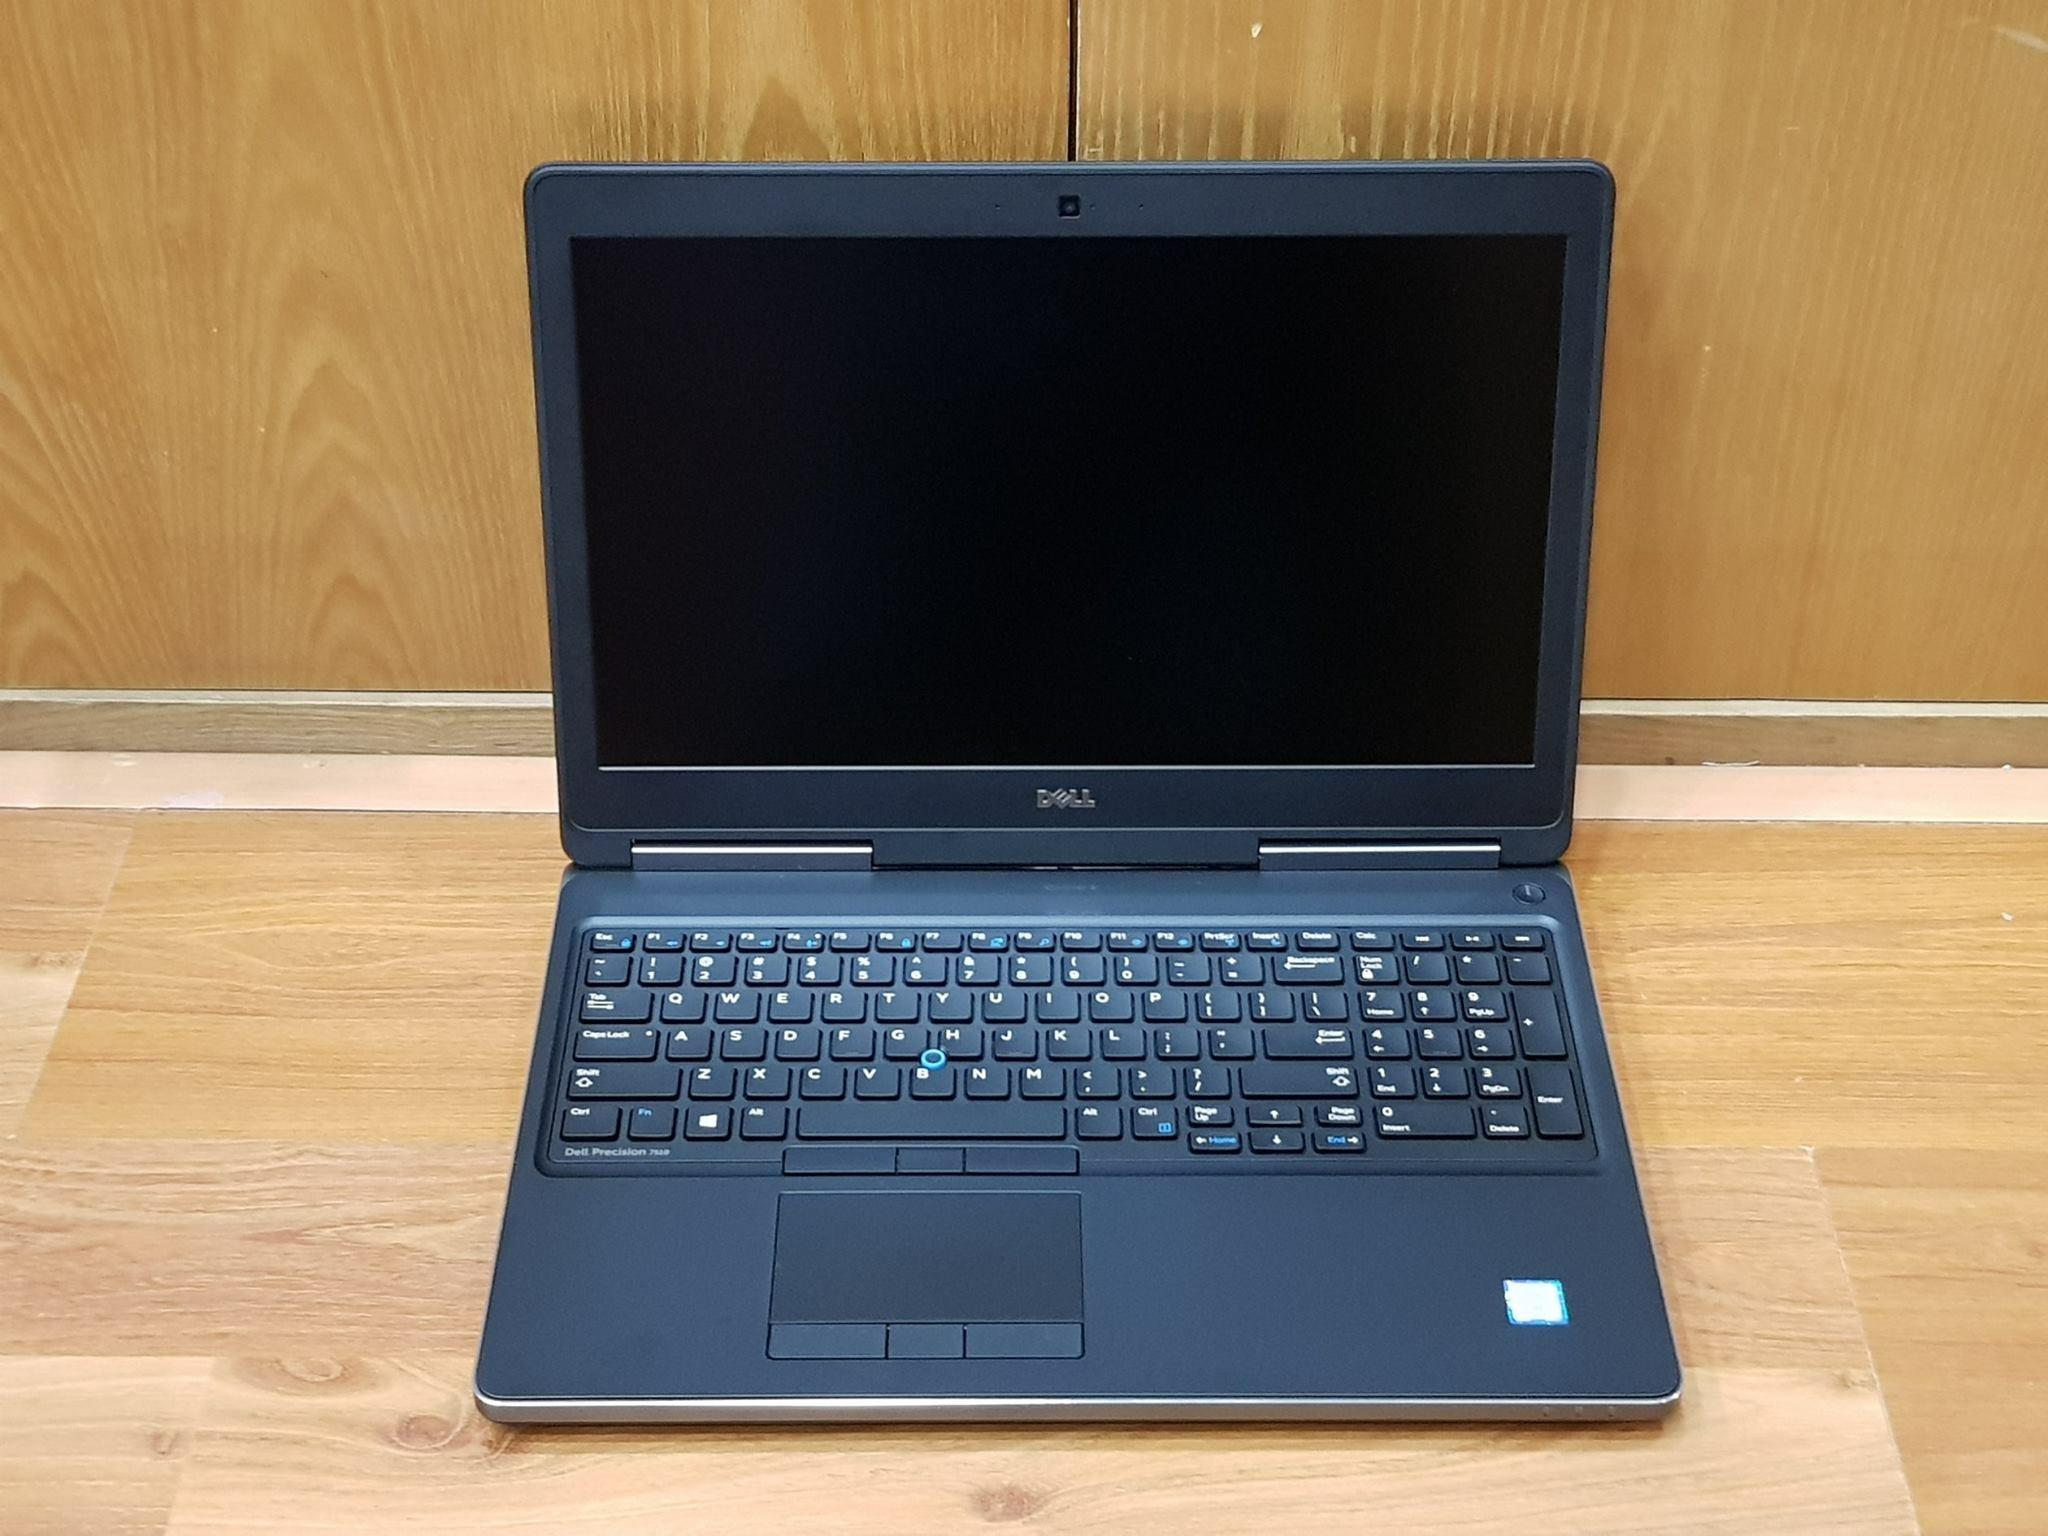 Dell Precision 7510 cấu hình mạnh chuyên dành cho đồ hoạ tốt nhất